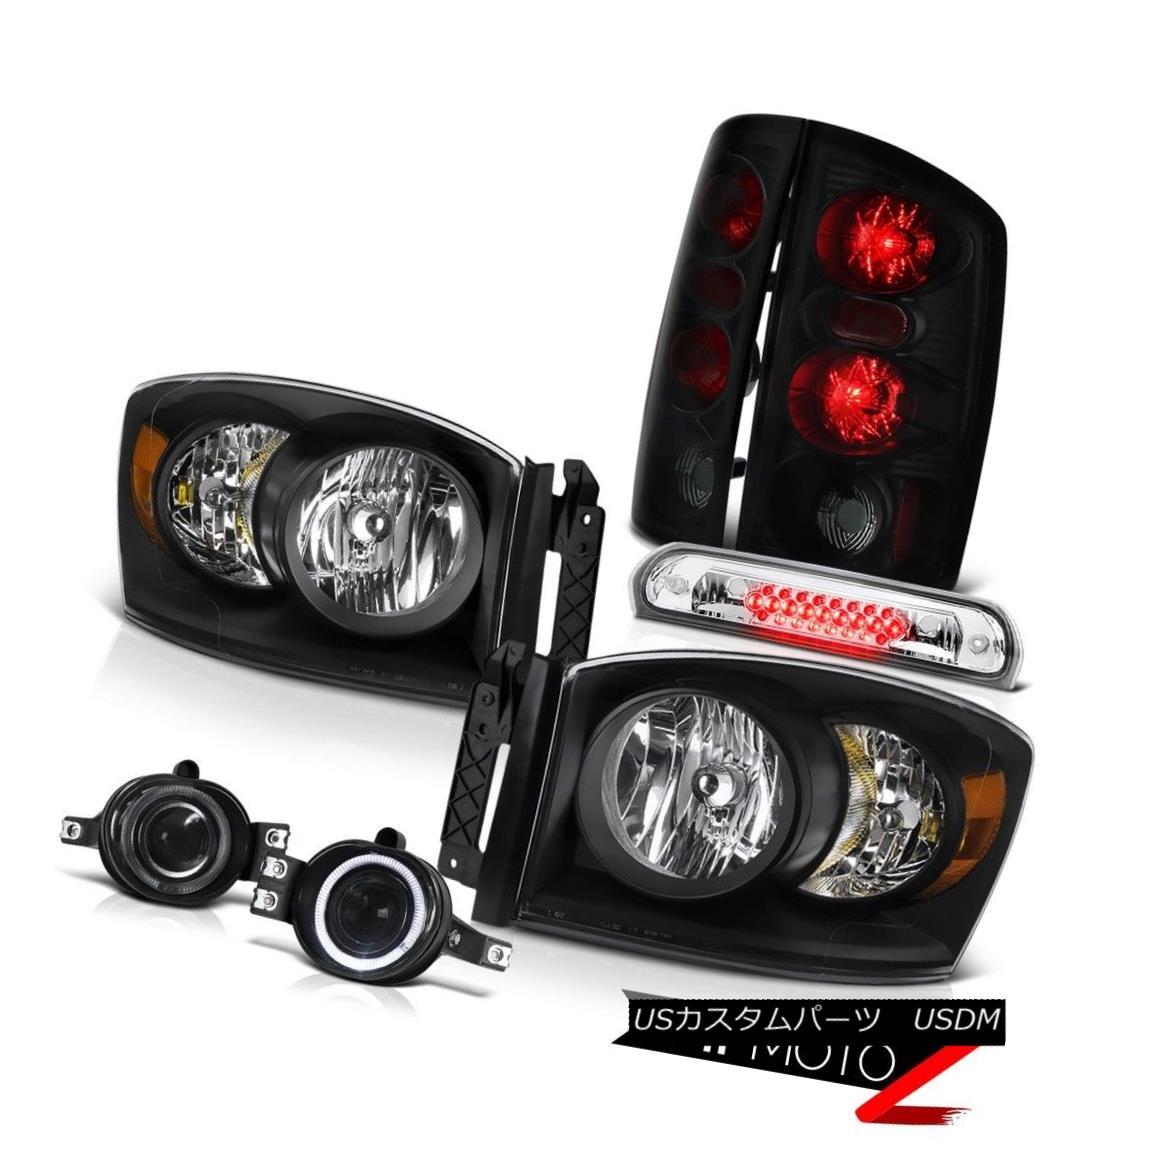 ヘッドライト Left Right Headlights Brake Tail Lamps Projector Fog LED 2006 Dodge Ram 左右ヘッドライトブレーキテールランププロジェクターフォグLED 2006 Dodge Ram